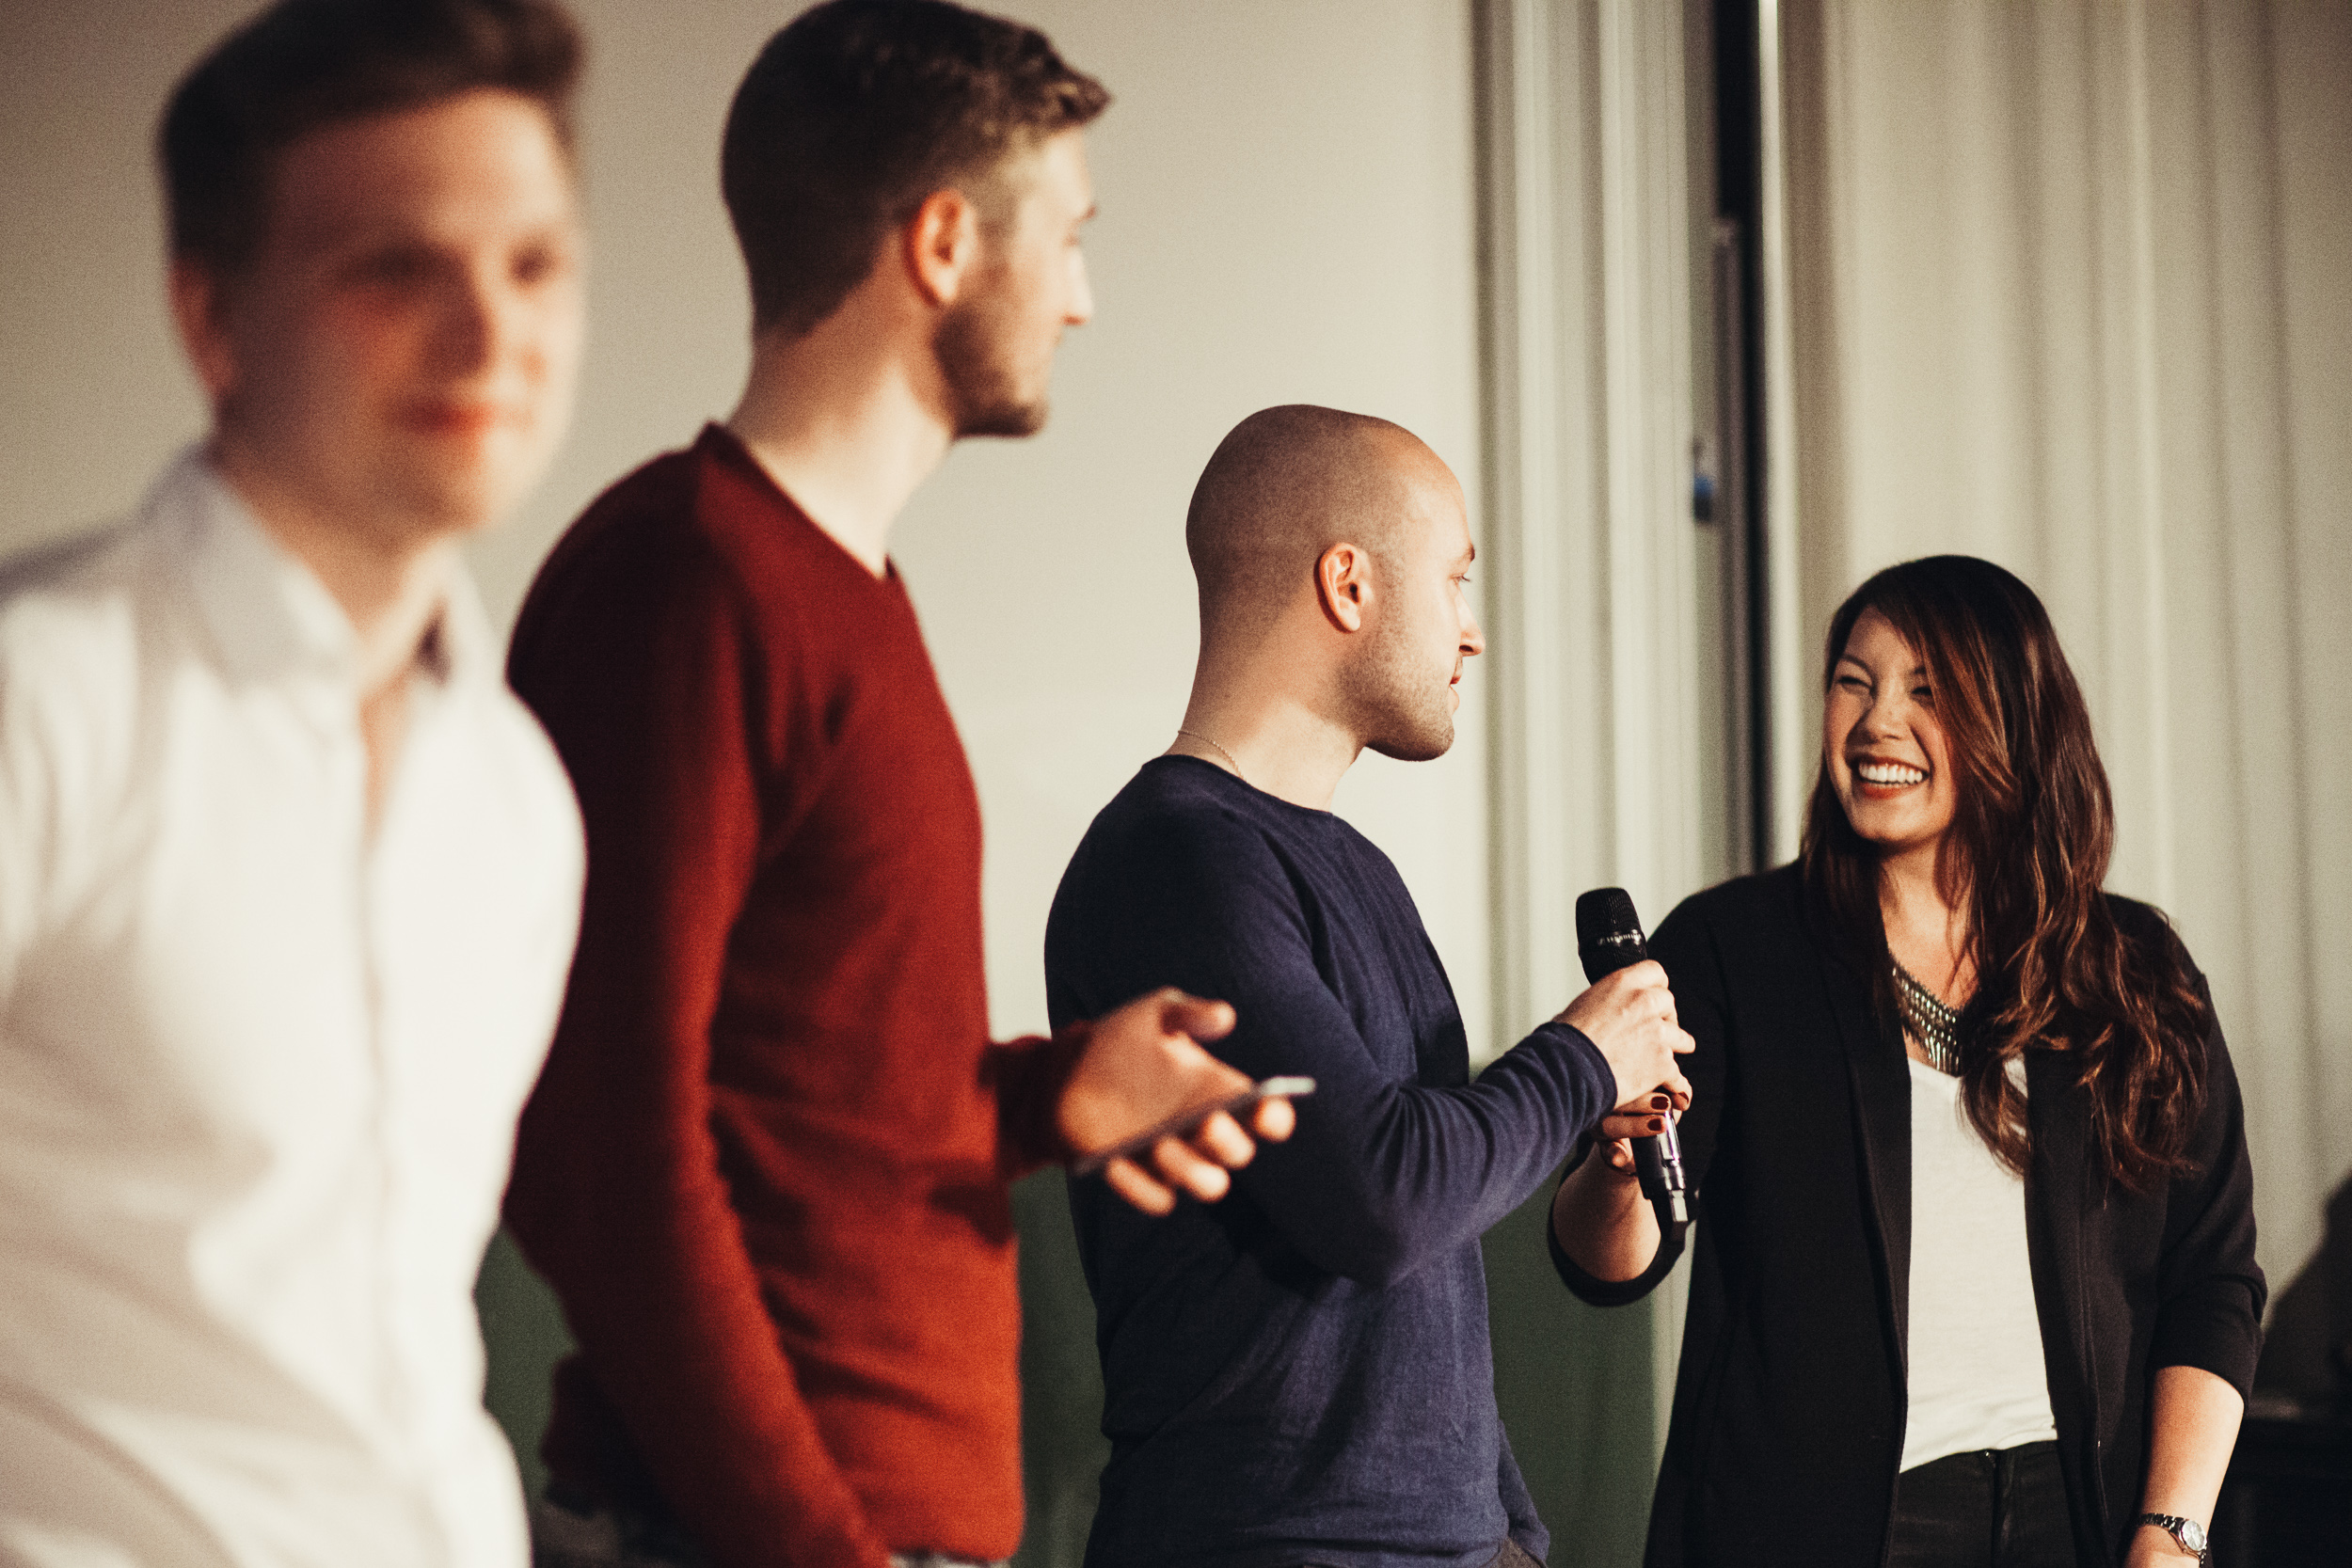 """Auftritt TeamMosaik im Rahmen des Mediapractice 2016 & Klub Dialog Features """"Durchstarten."""""""